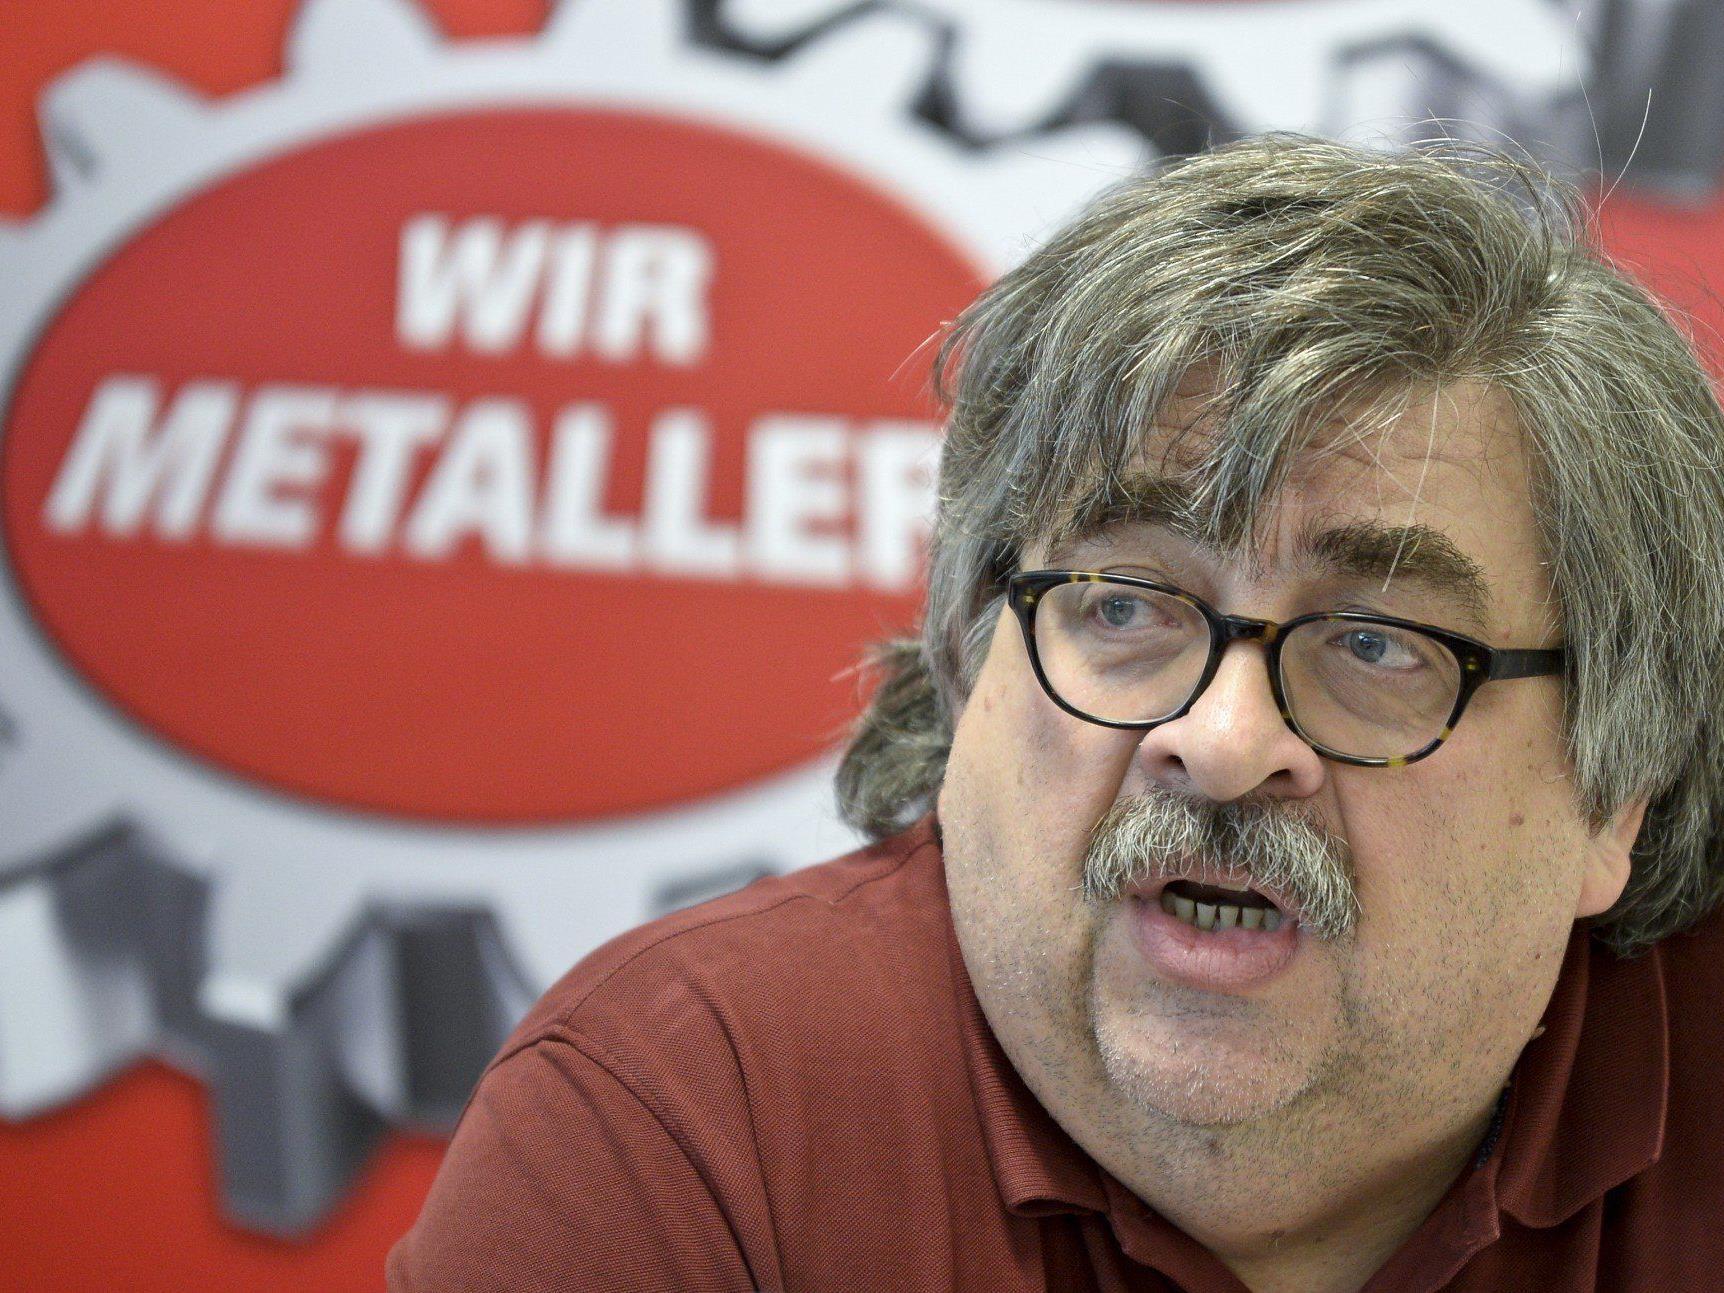 Gewerkschaftsvertreter Karl Proyer bei einer Pressekonferenz in der Vorwoche.